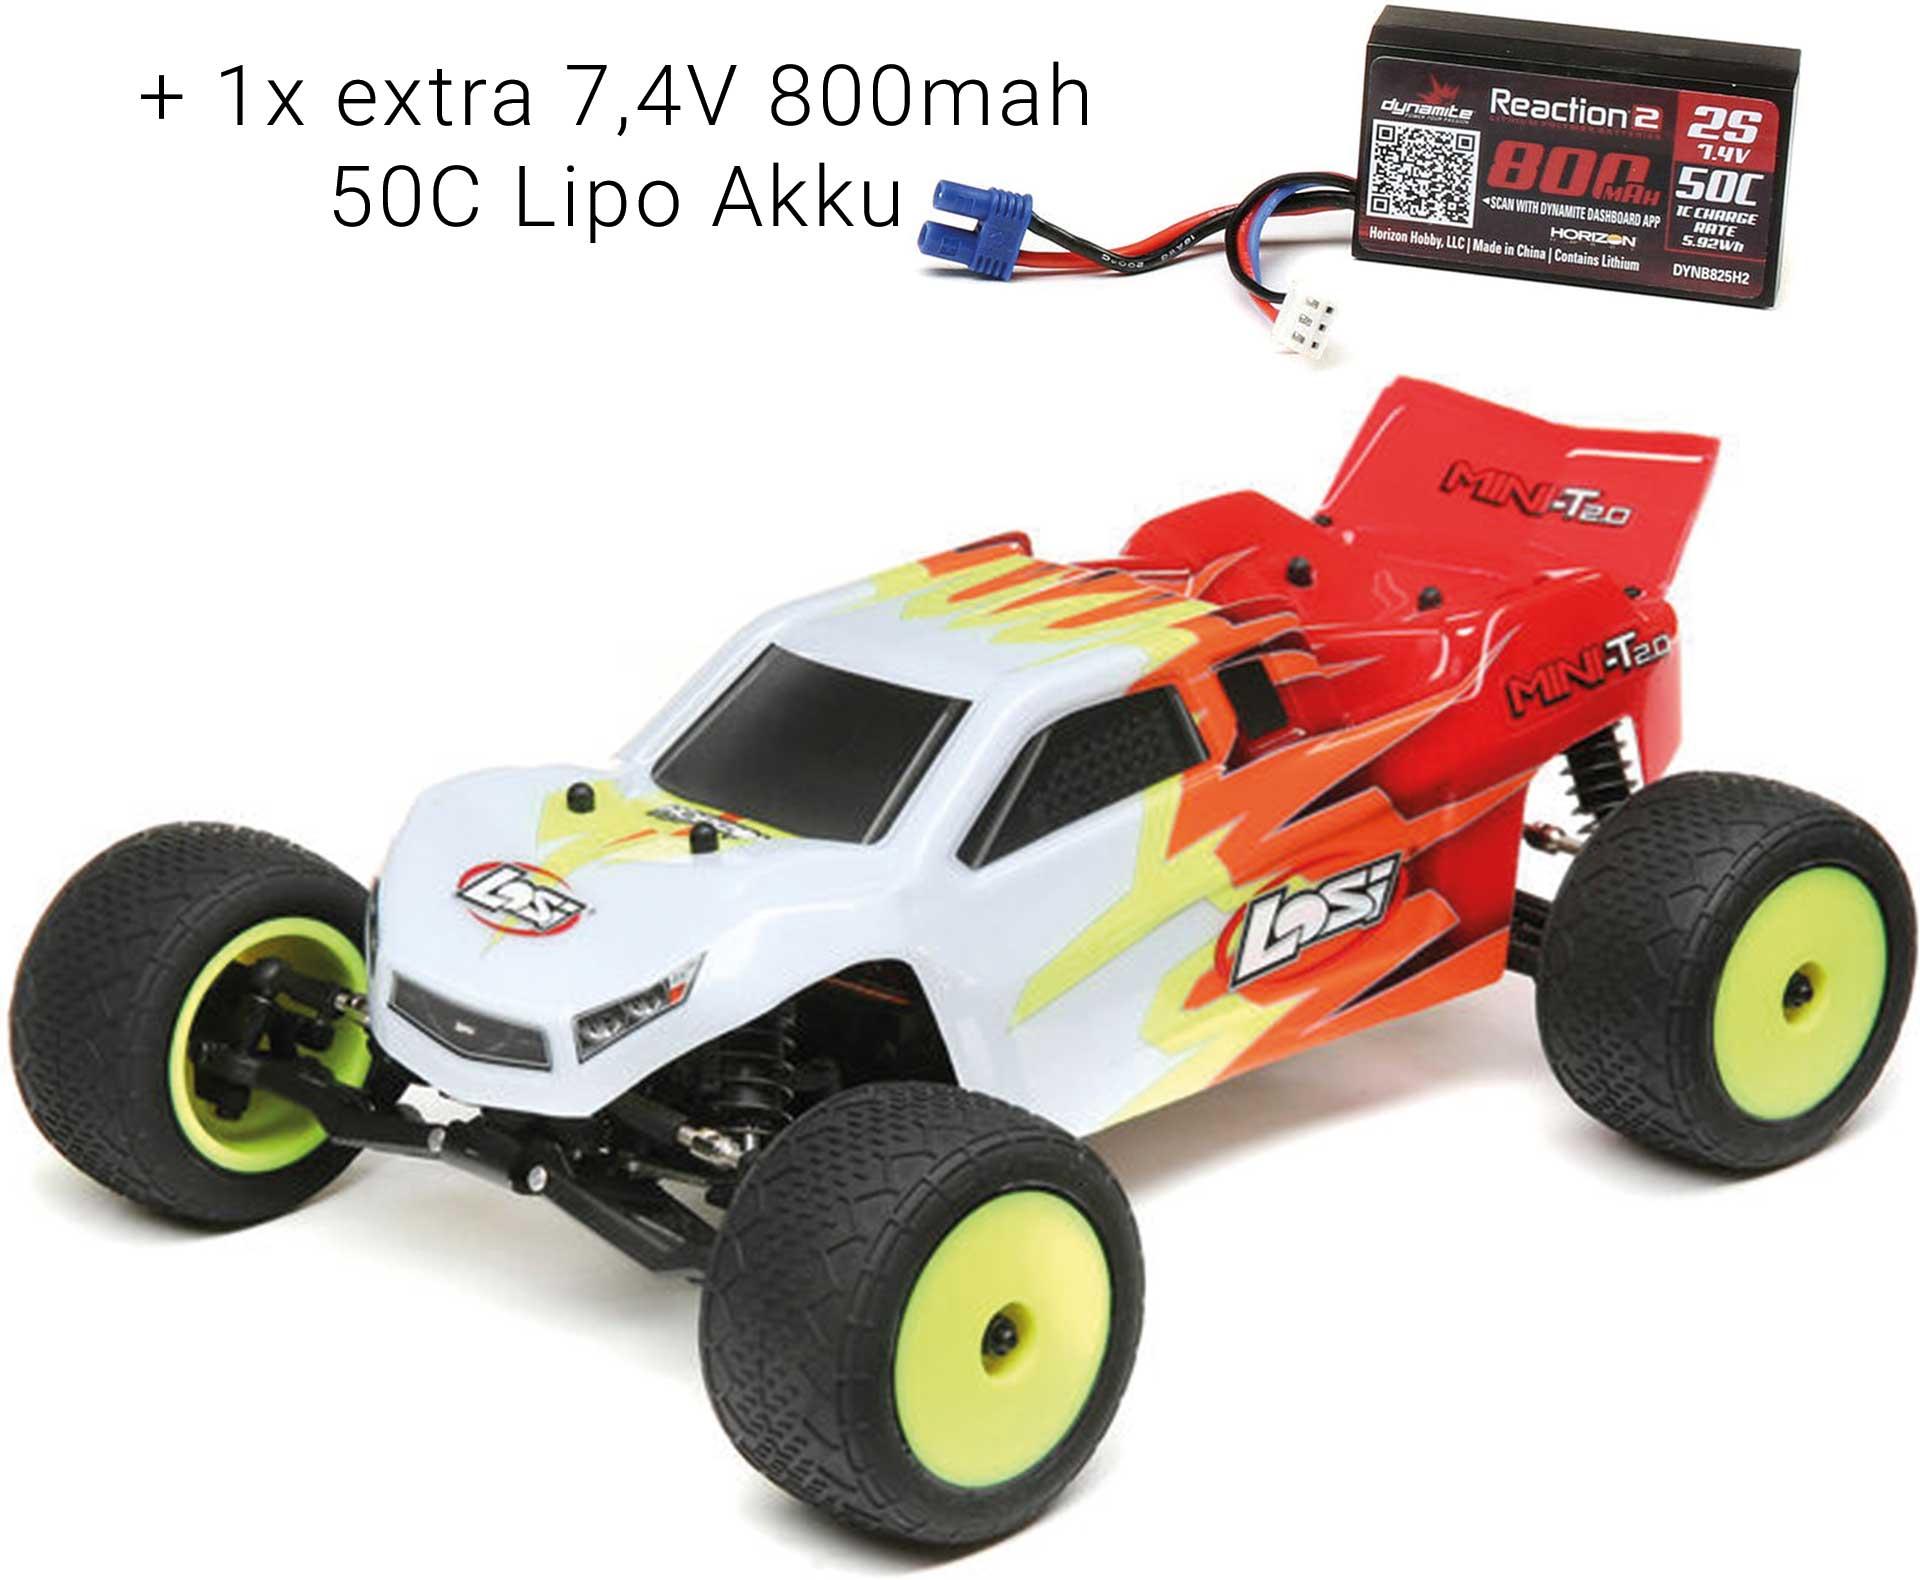 LOSI Mini-T 2.0 1/18 2WD RTR Brushed Rot/Weiß + 1x extra 7,4V 800mah 50C Lipo Akku *SVR*